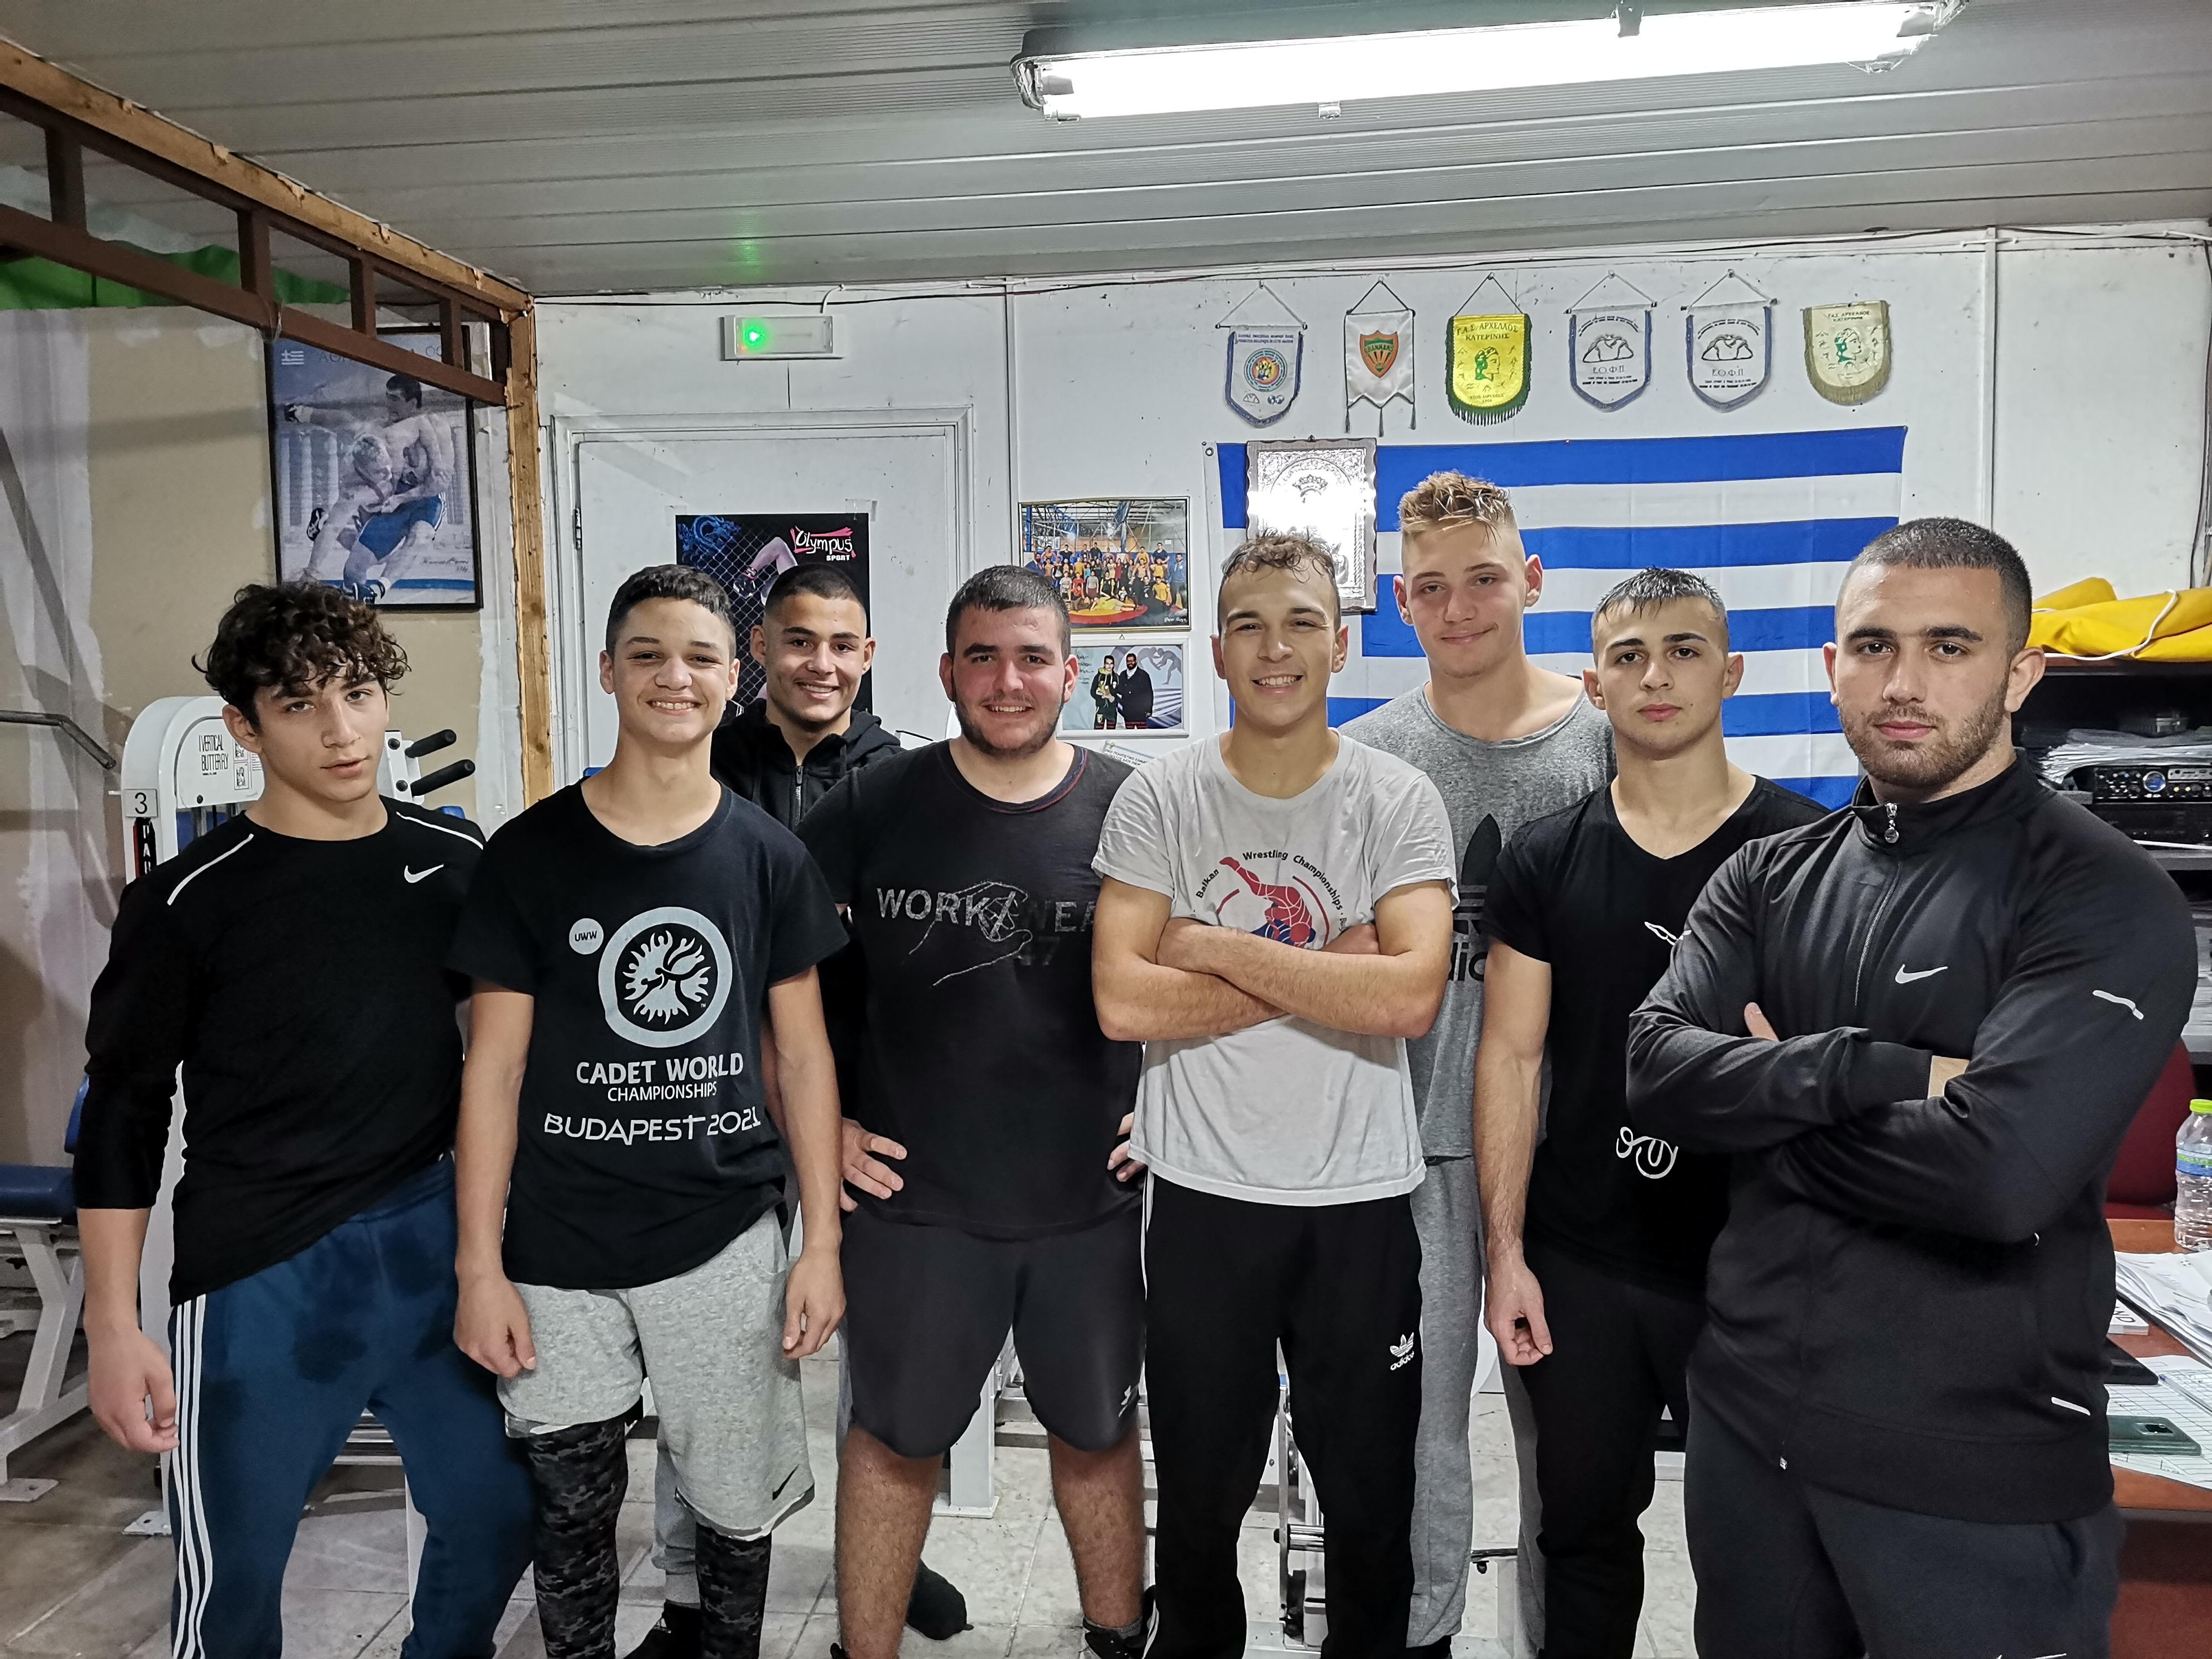 Αναχωρούν για την πόλη της Ξάνθης οι πρωταθλητές του Αρχελάου Κατερίνης για να λάβουν μέρος στους Βαλκανικούς και Μεσογειακούς αγώνες Πάλης